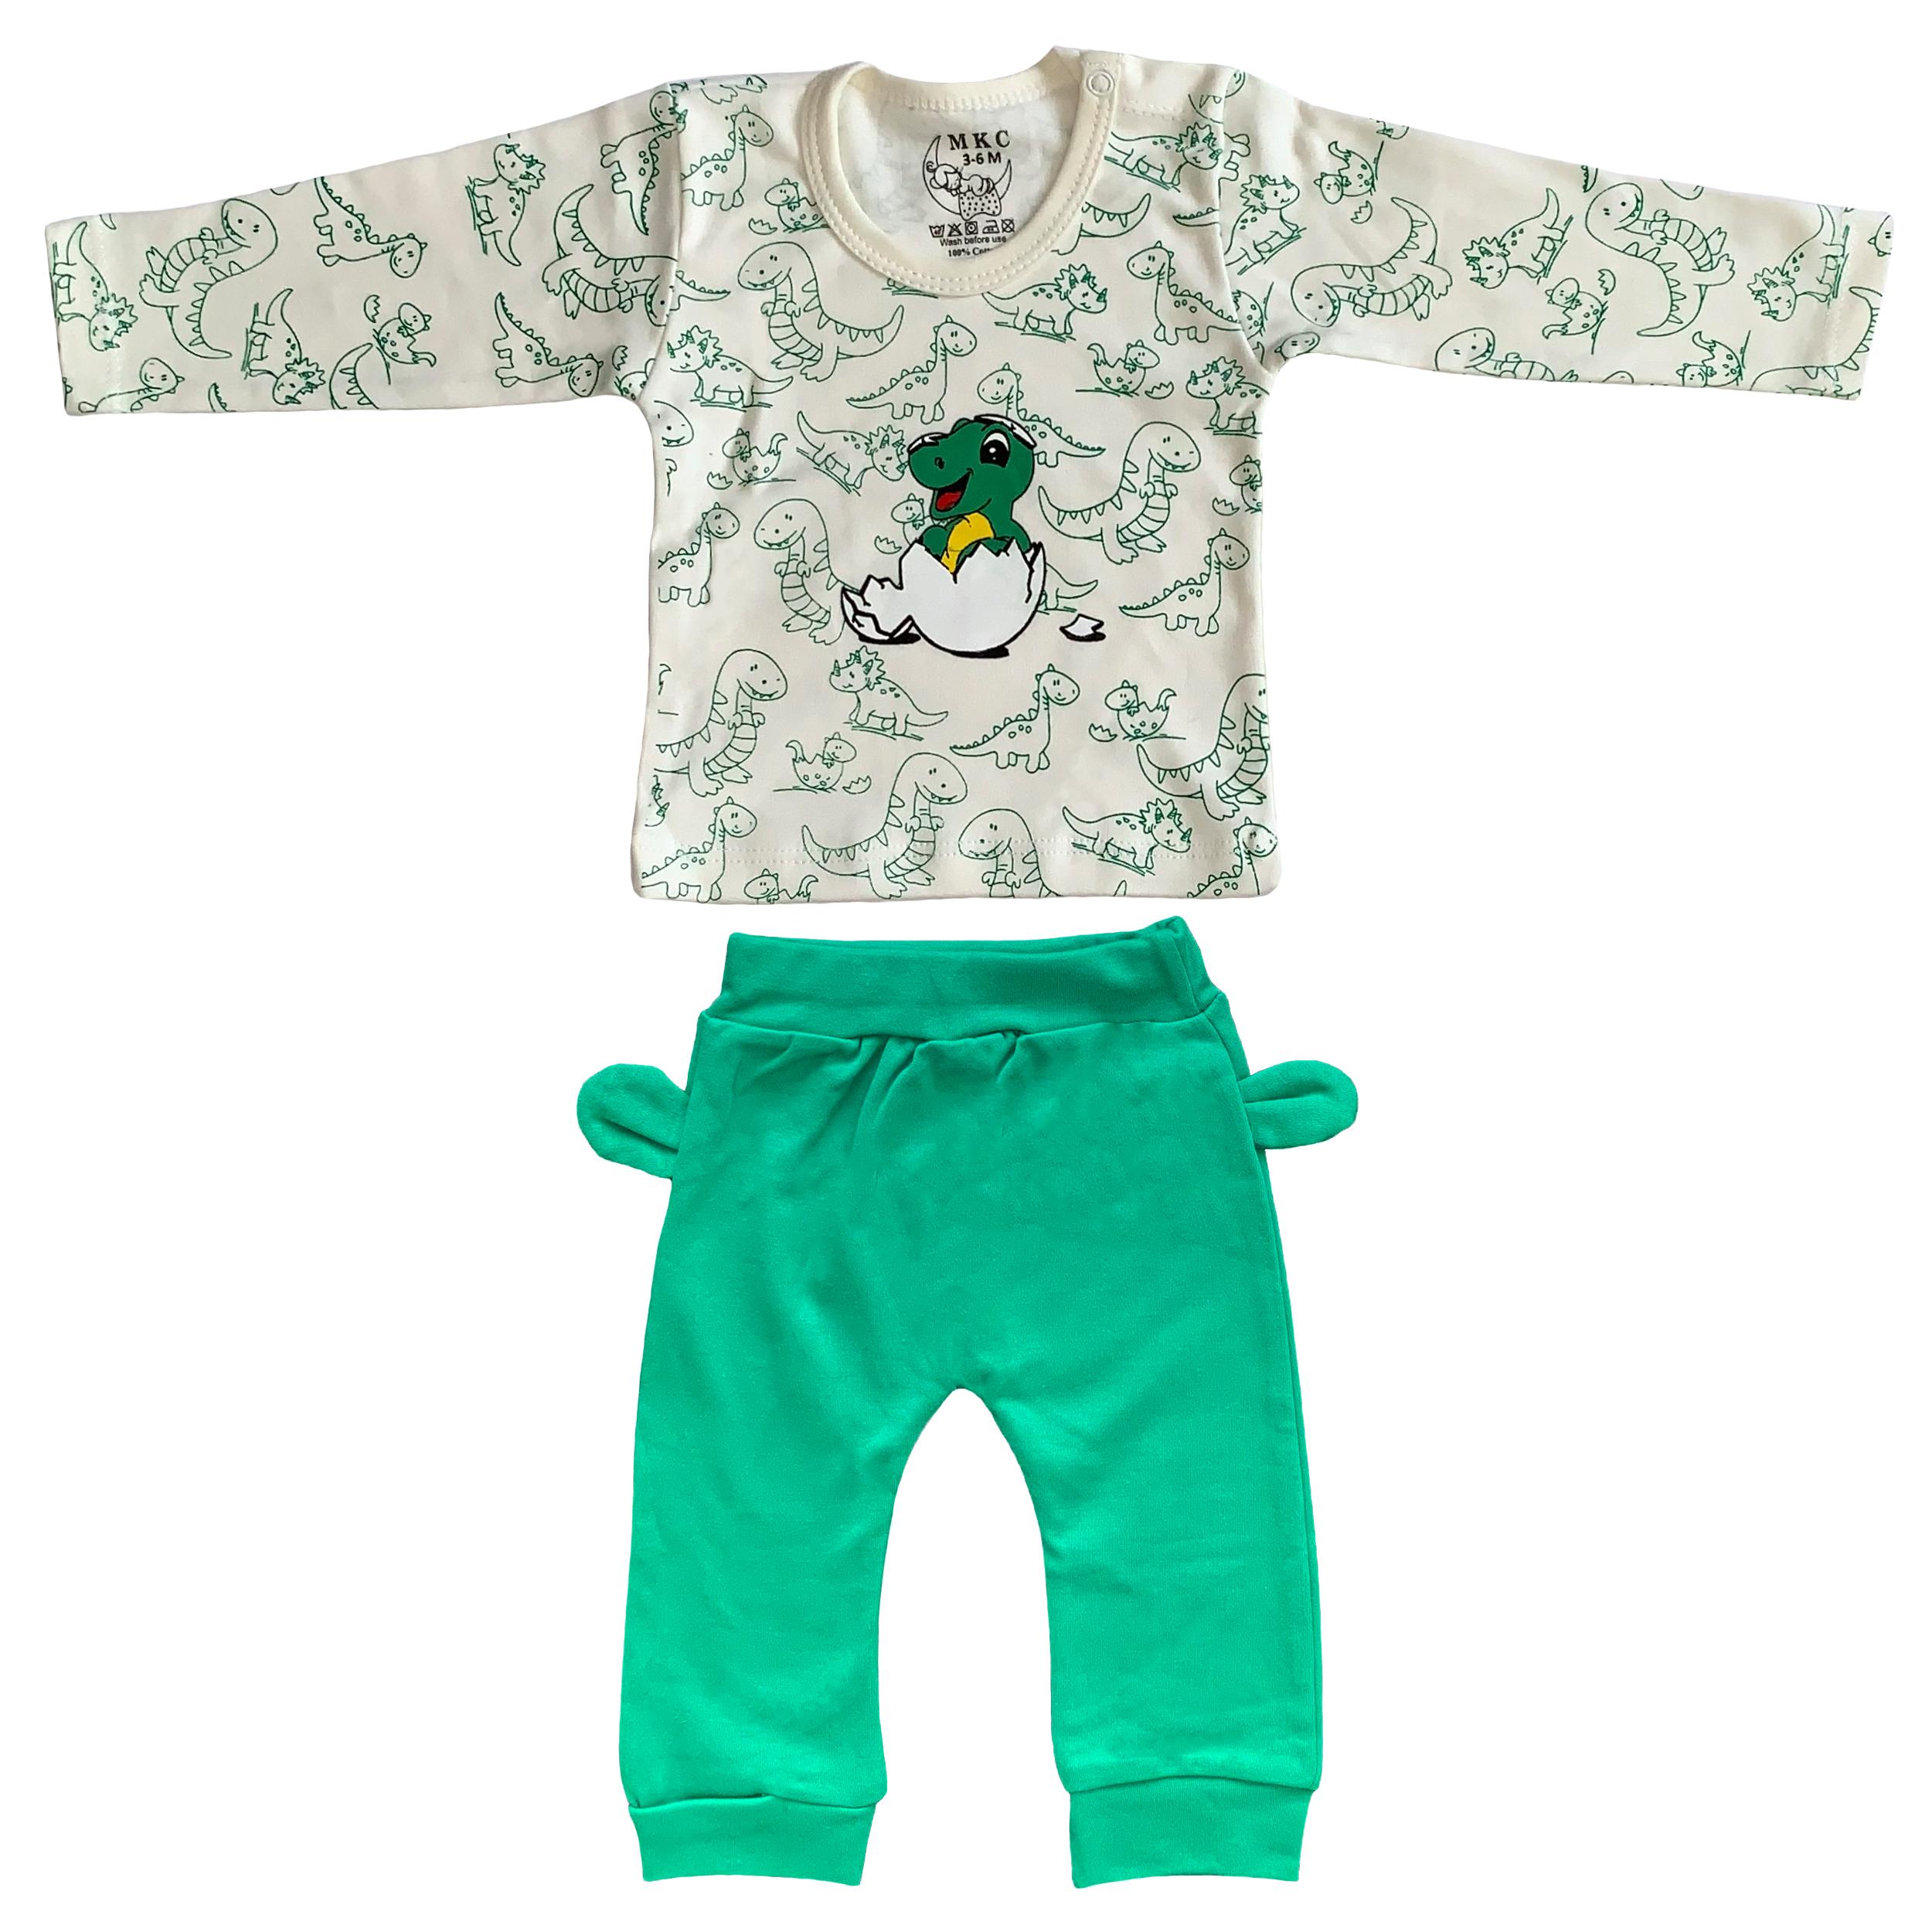 ست تی شرت و شلوار نوزادی طرح دایناسور کد FF-082 -  - 2